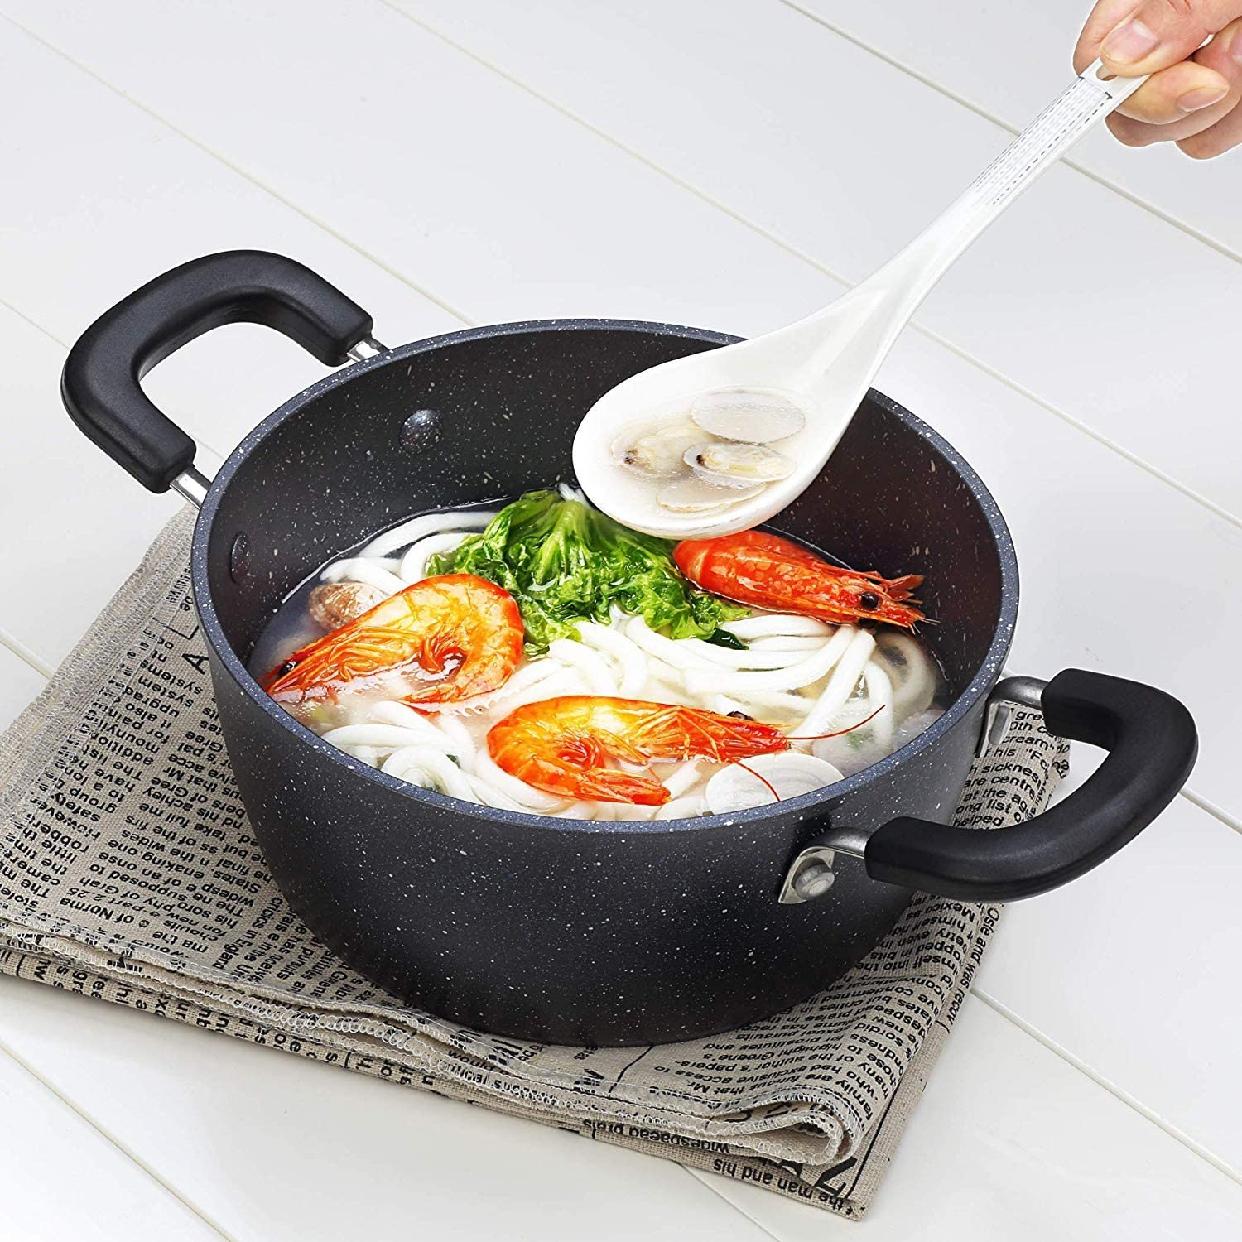 COOKSMARK(クックスマーク) 両手鍋ガラス鍋蓋付 20cm ブラック H-4237の商品画像7